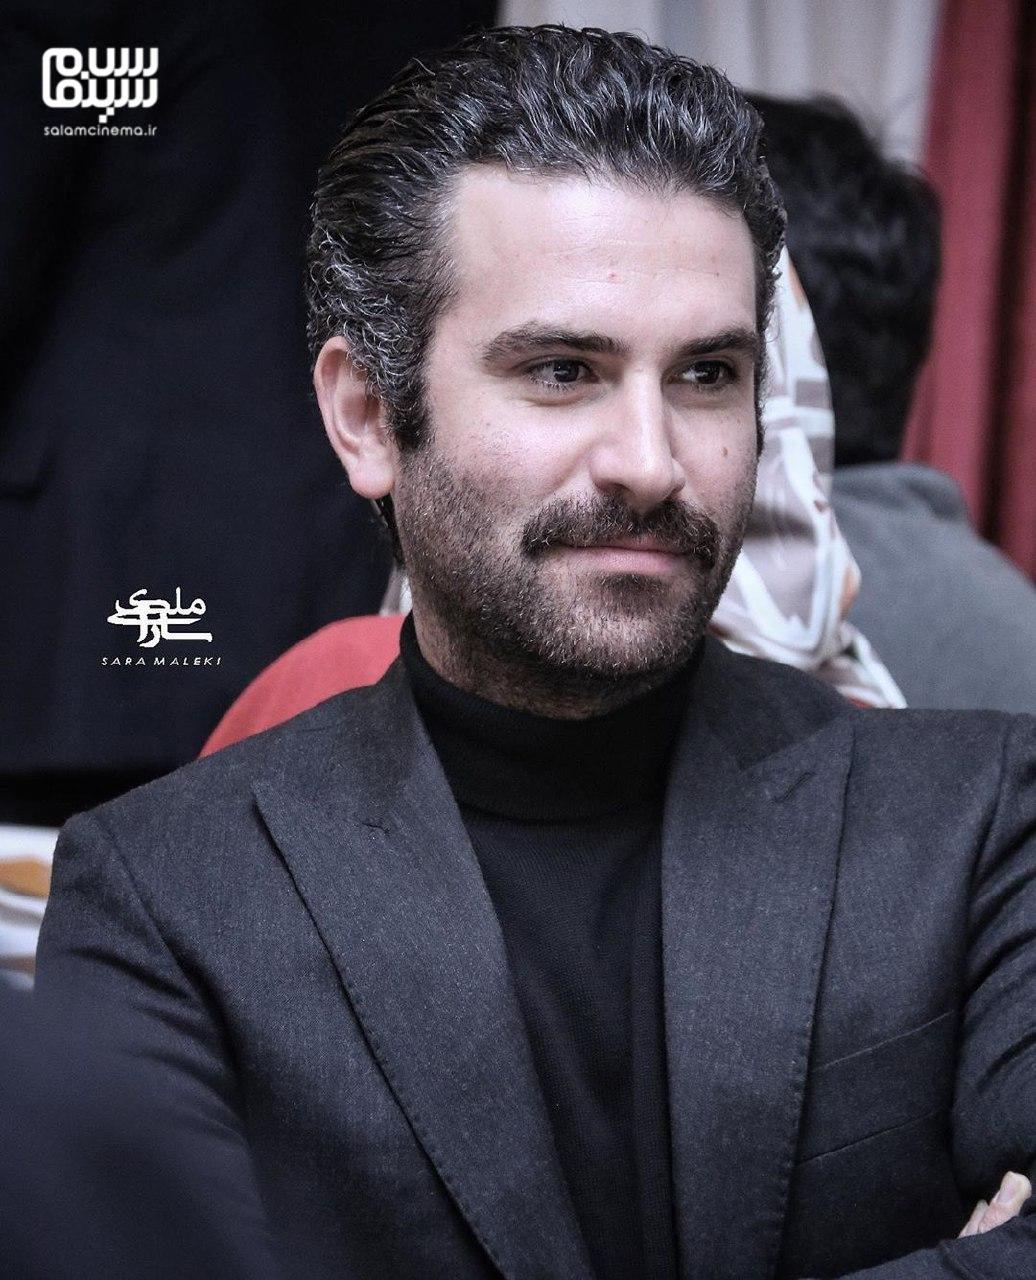 هوتن شکیبا - سیزدهمین شب انجمن منتقدان و نویسندگان سینمای ایران